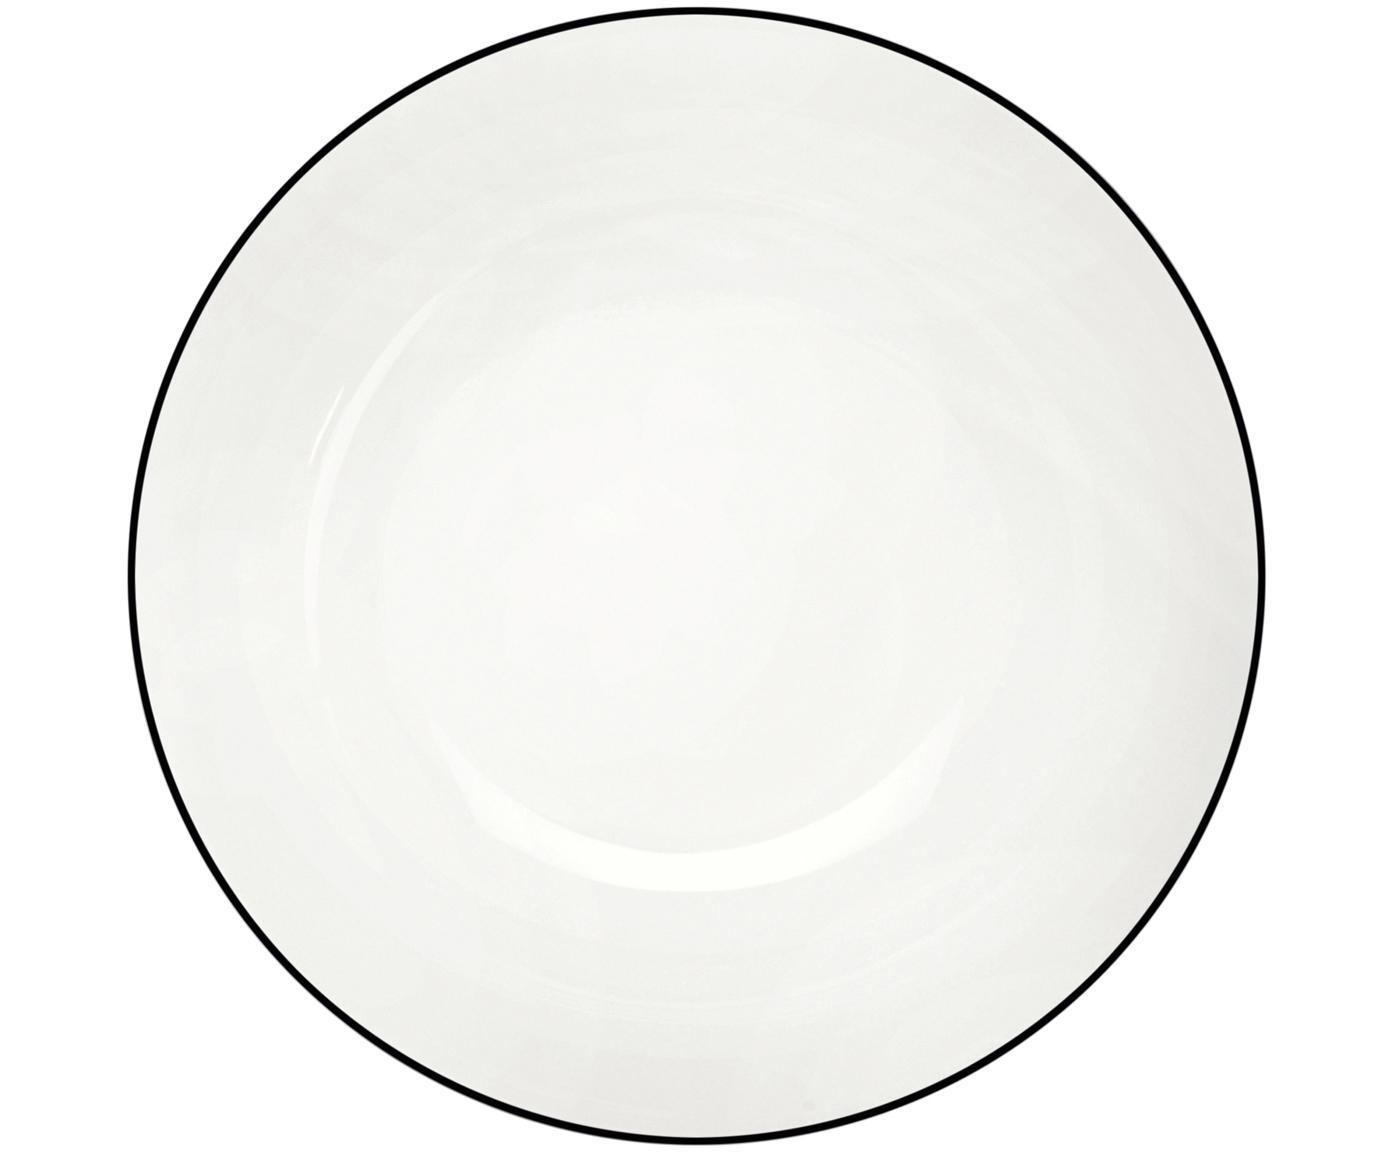 Dessertteller á table ligne noir mit schwarzem Rand, 4 Stück, Fine Bone China, Weiß<br>Rand: Schwarz, Ø 21 cm